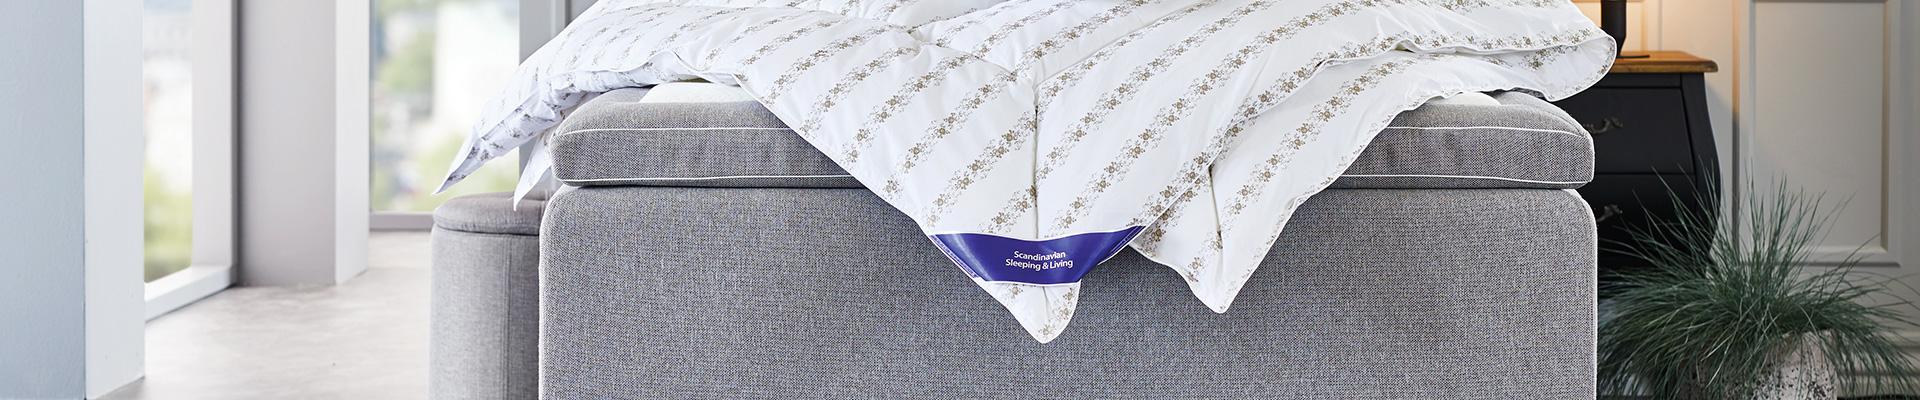 Antklodės ir pagalvės